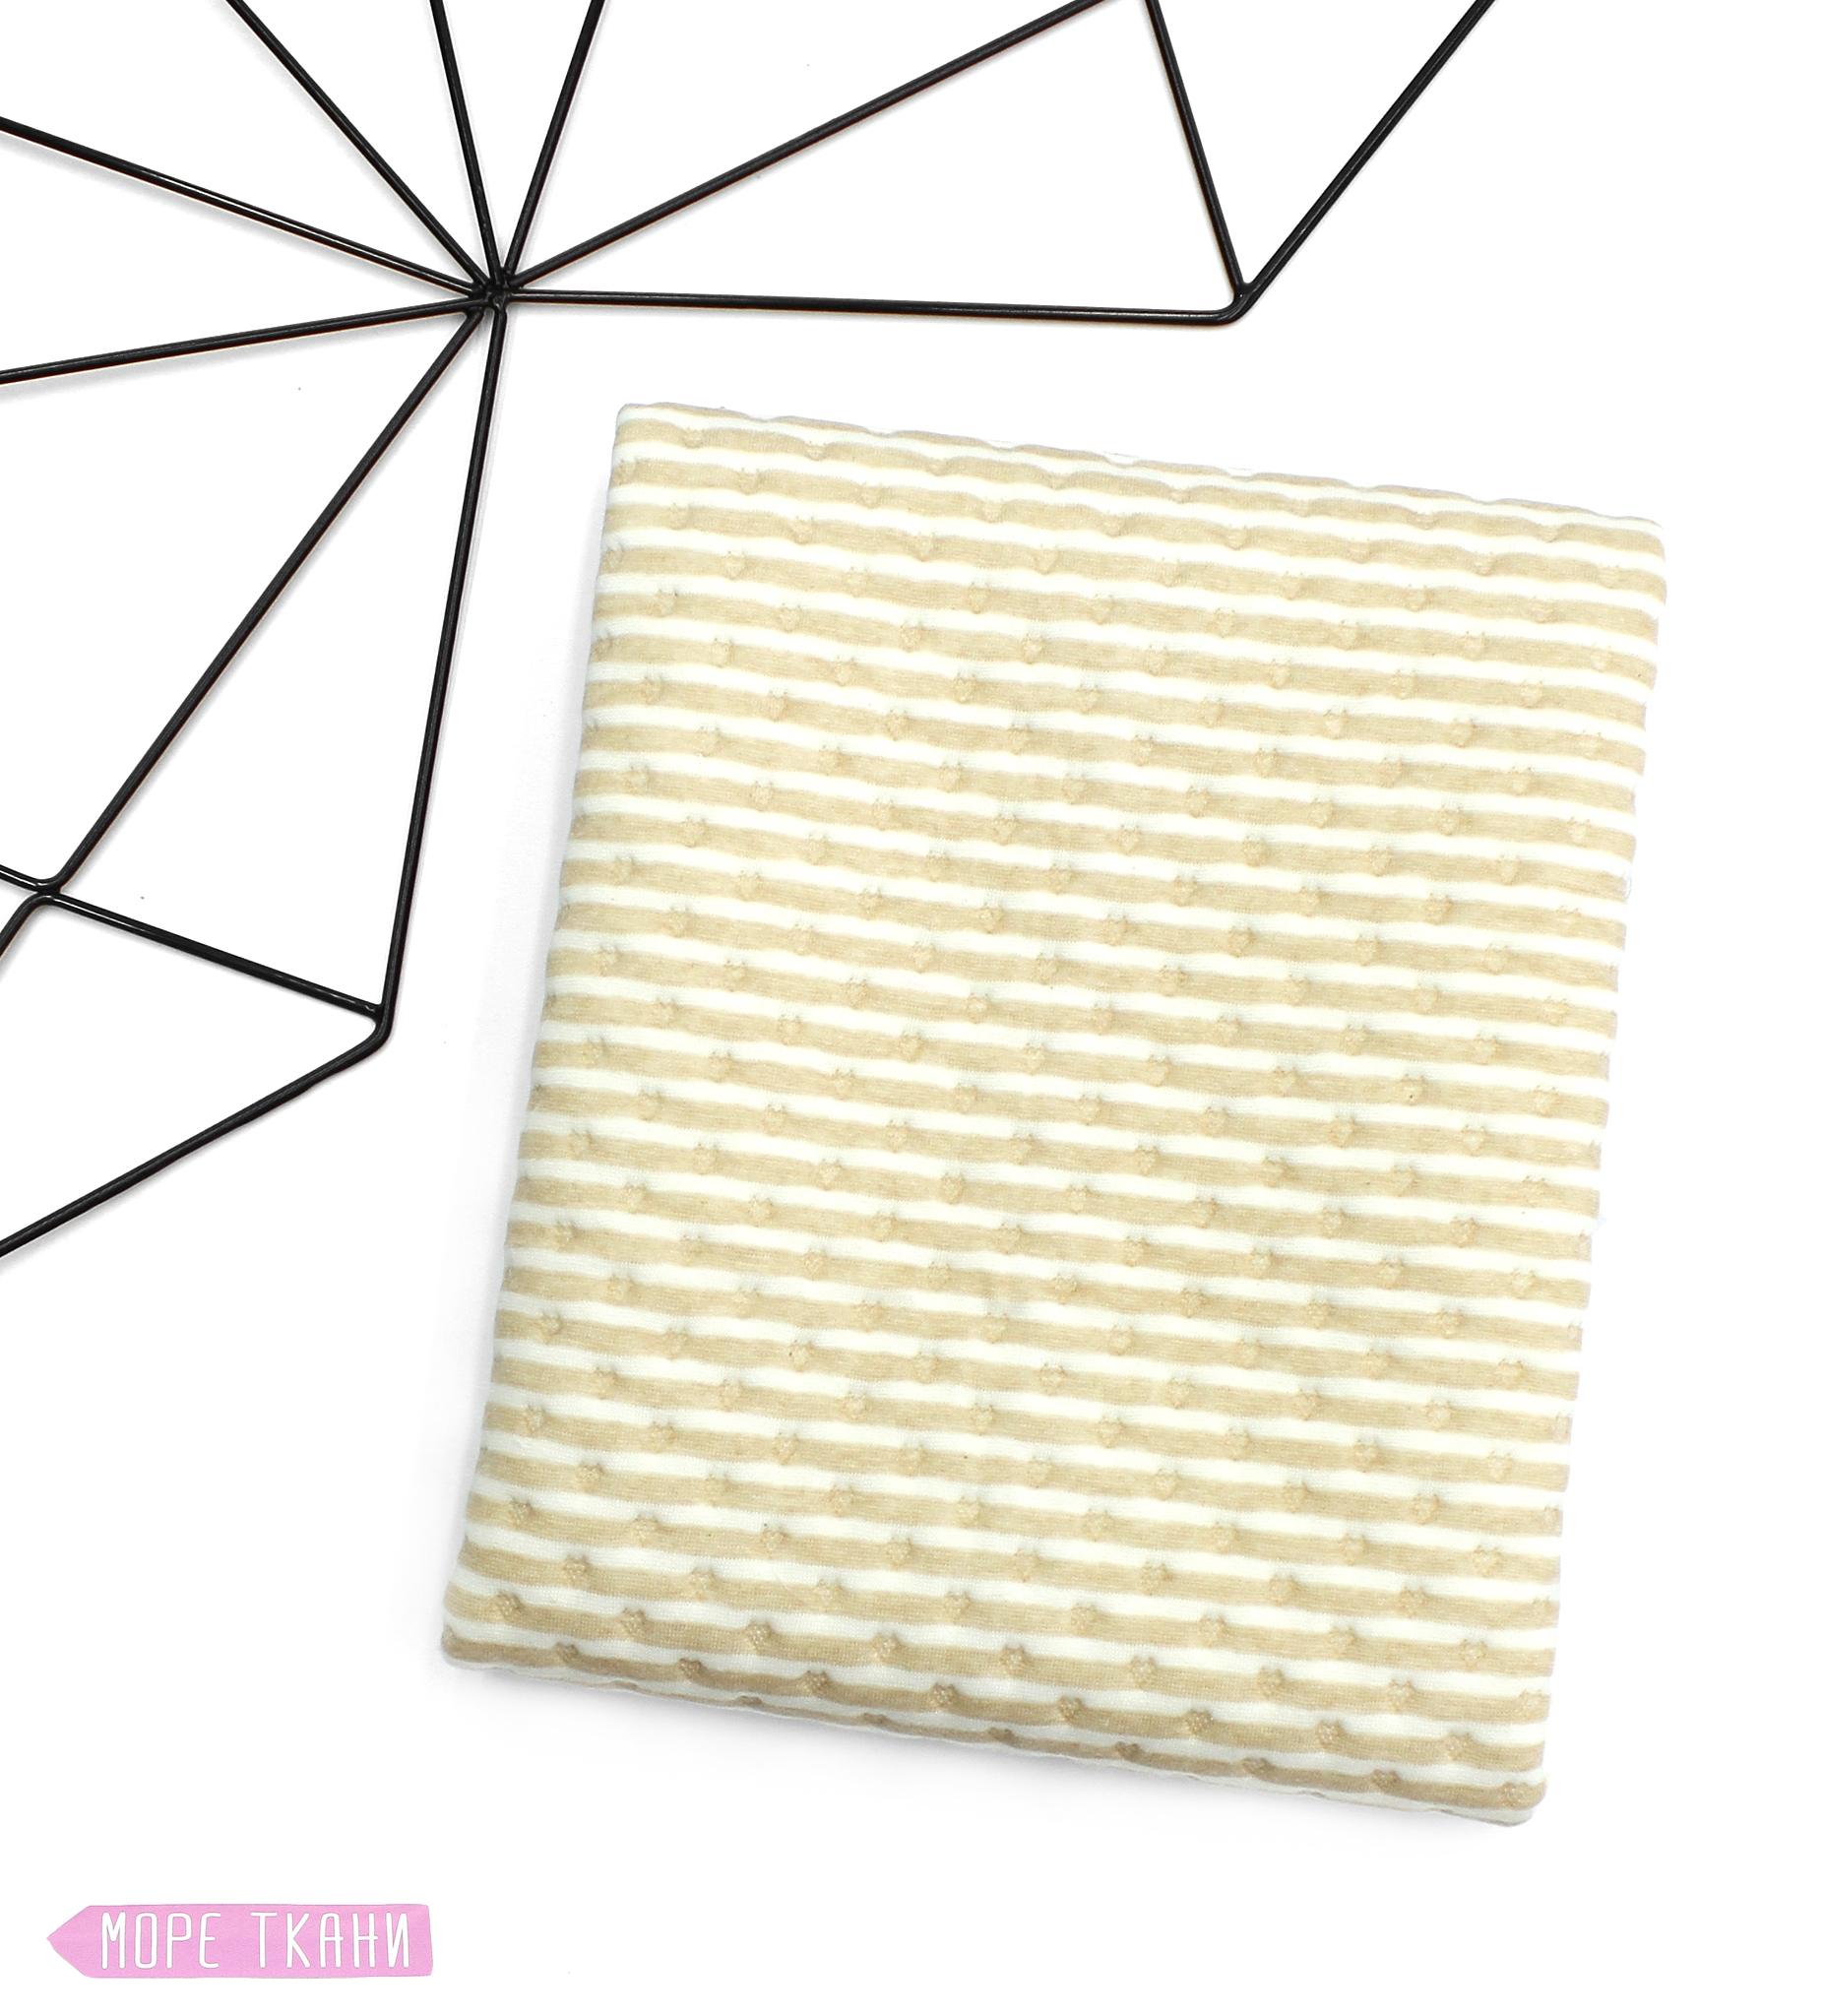 Ткань для пеленок, дышащая водонепроницаемая(хлопок+дышащий+махровая)